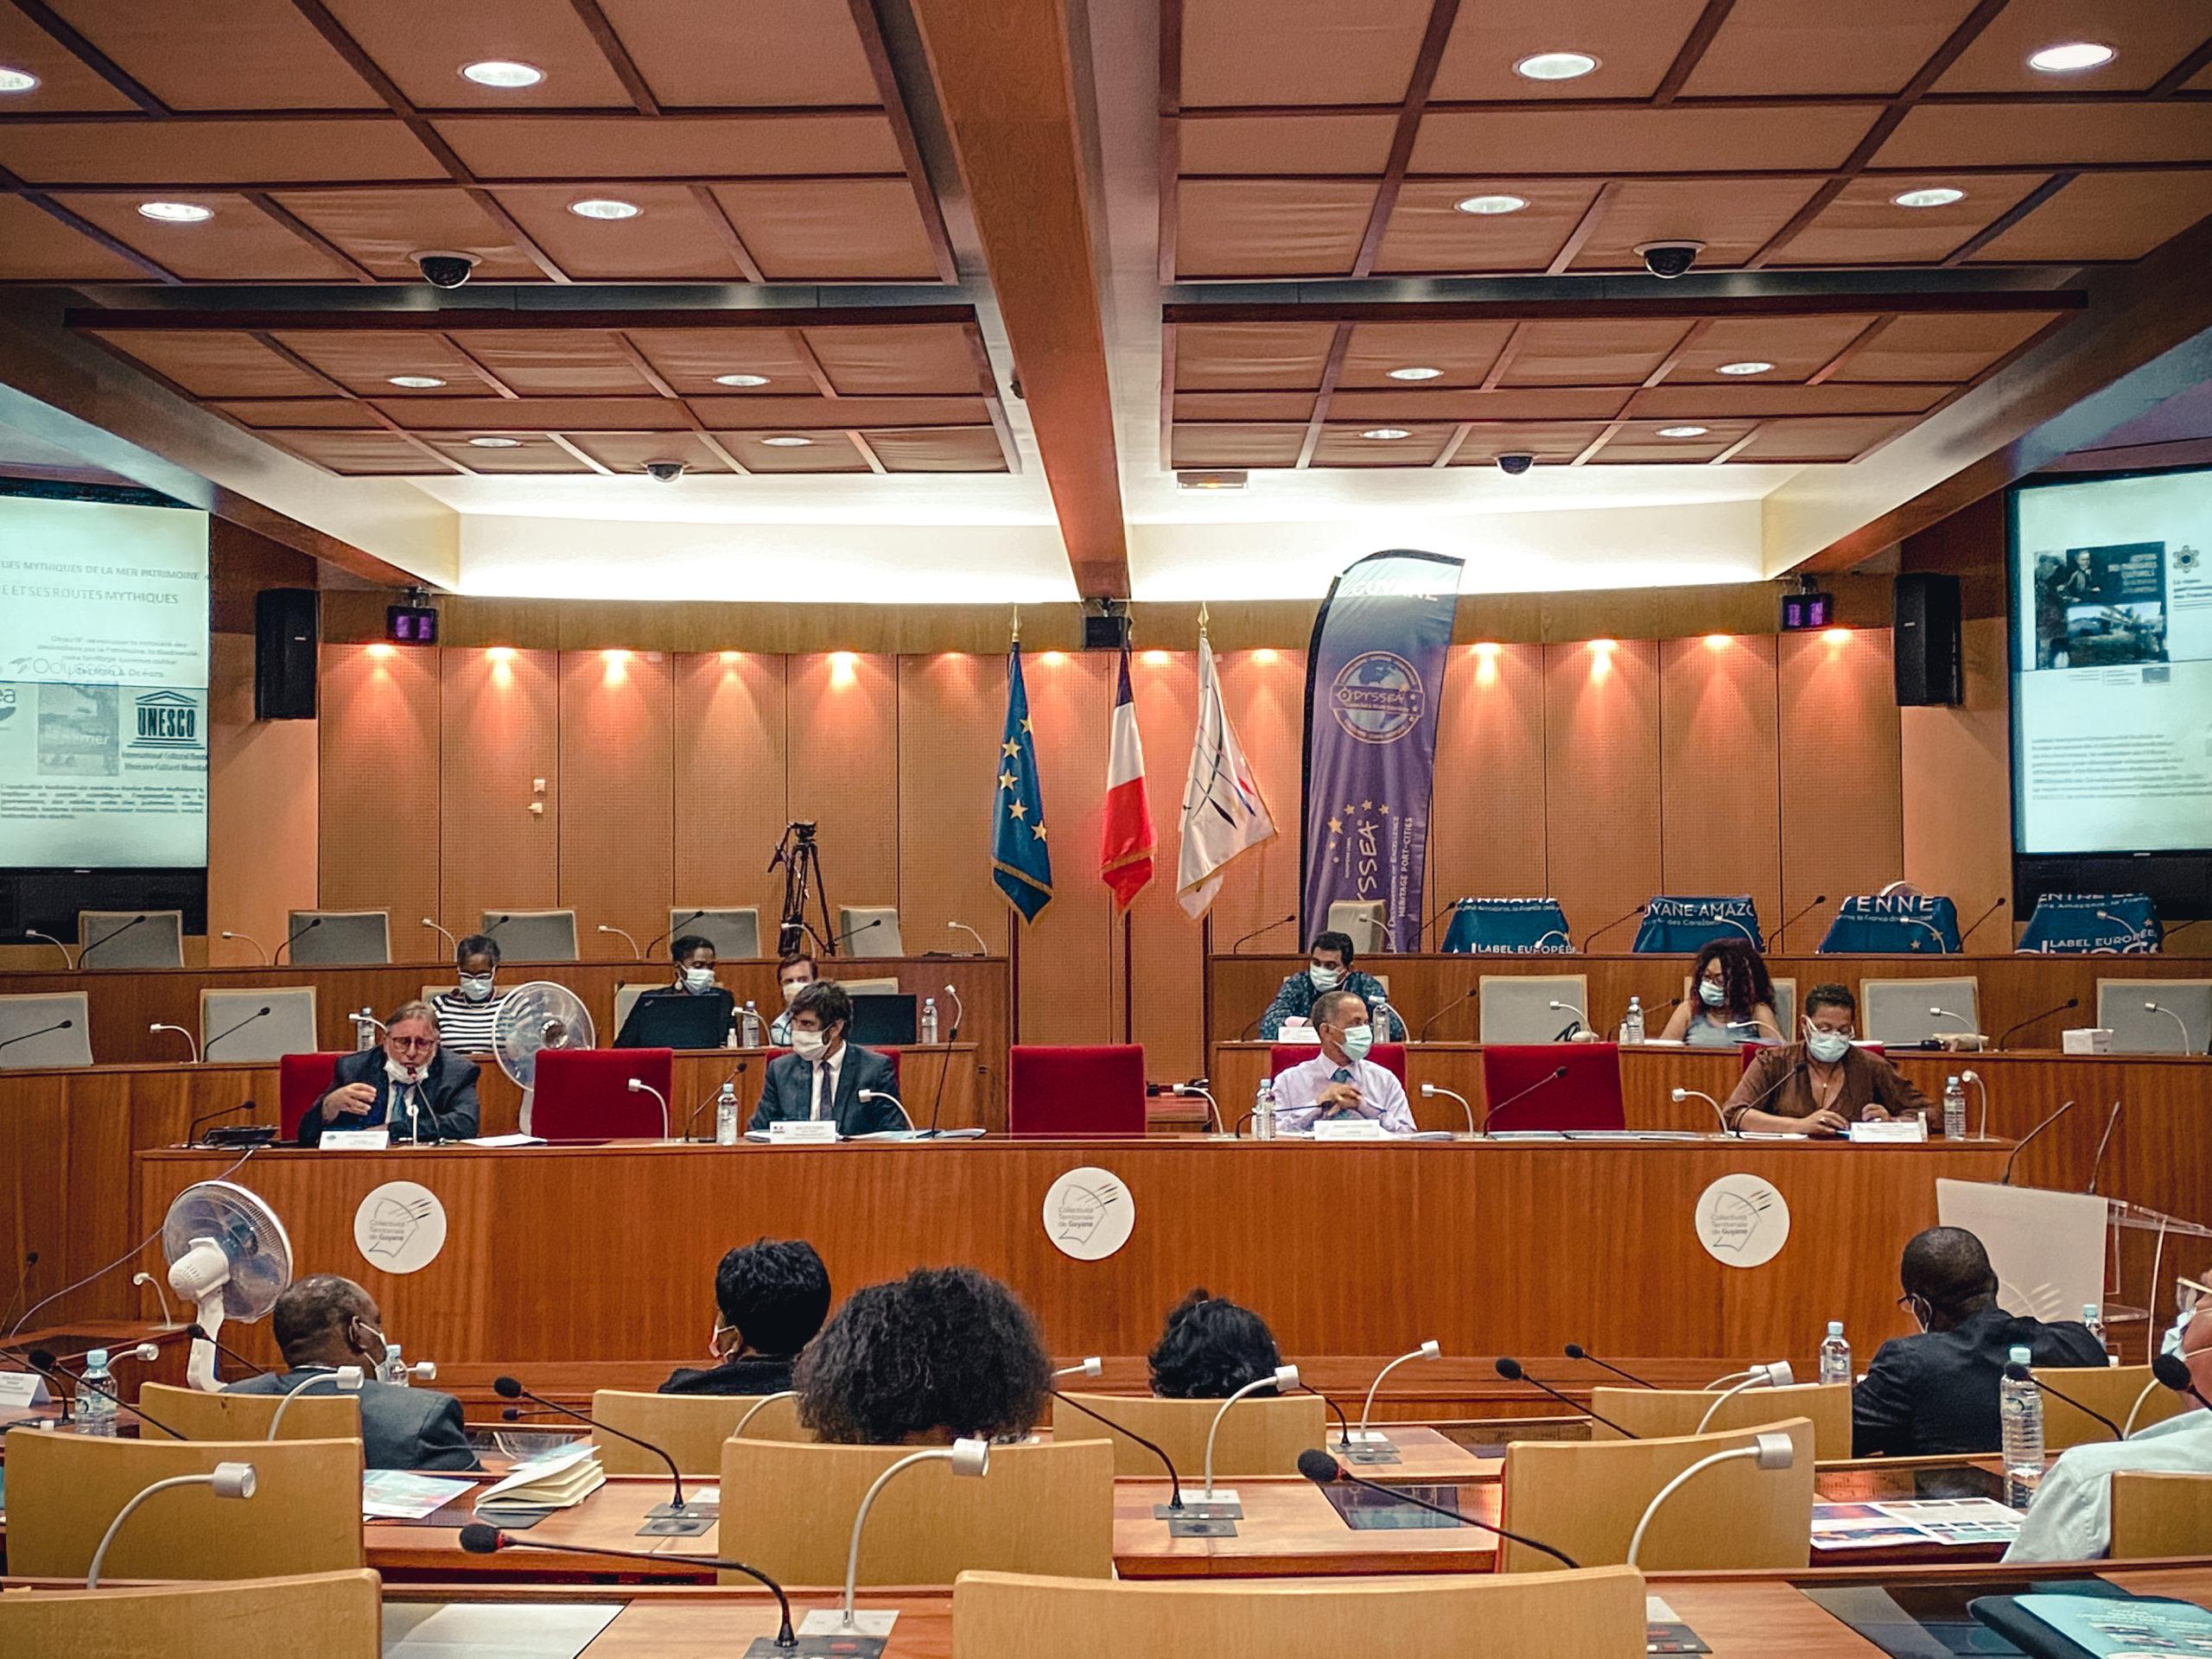 Evènement : Présentation du label européen Odyssea®, appliquée au territoire de la Guyane, en présence des élus